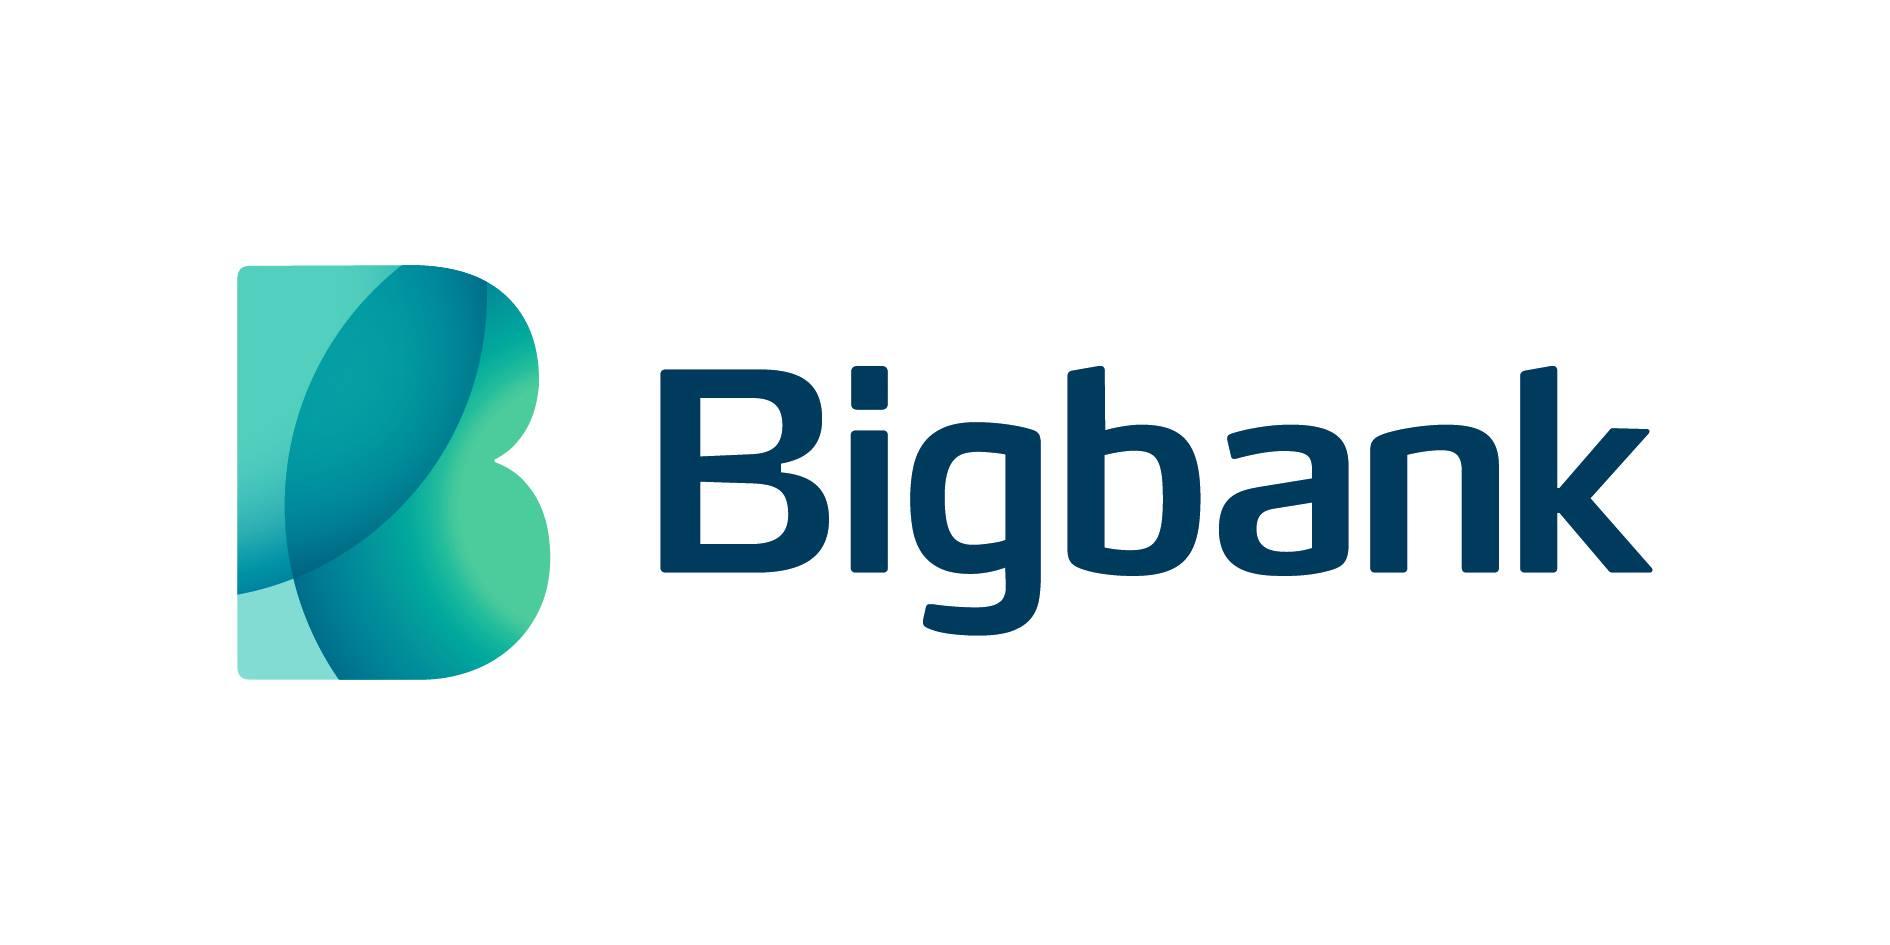 Bigbank logo